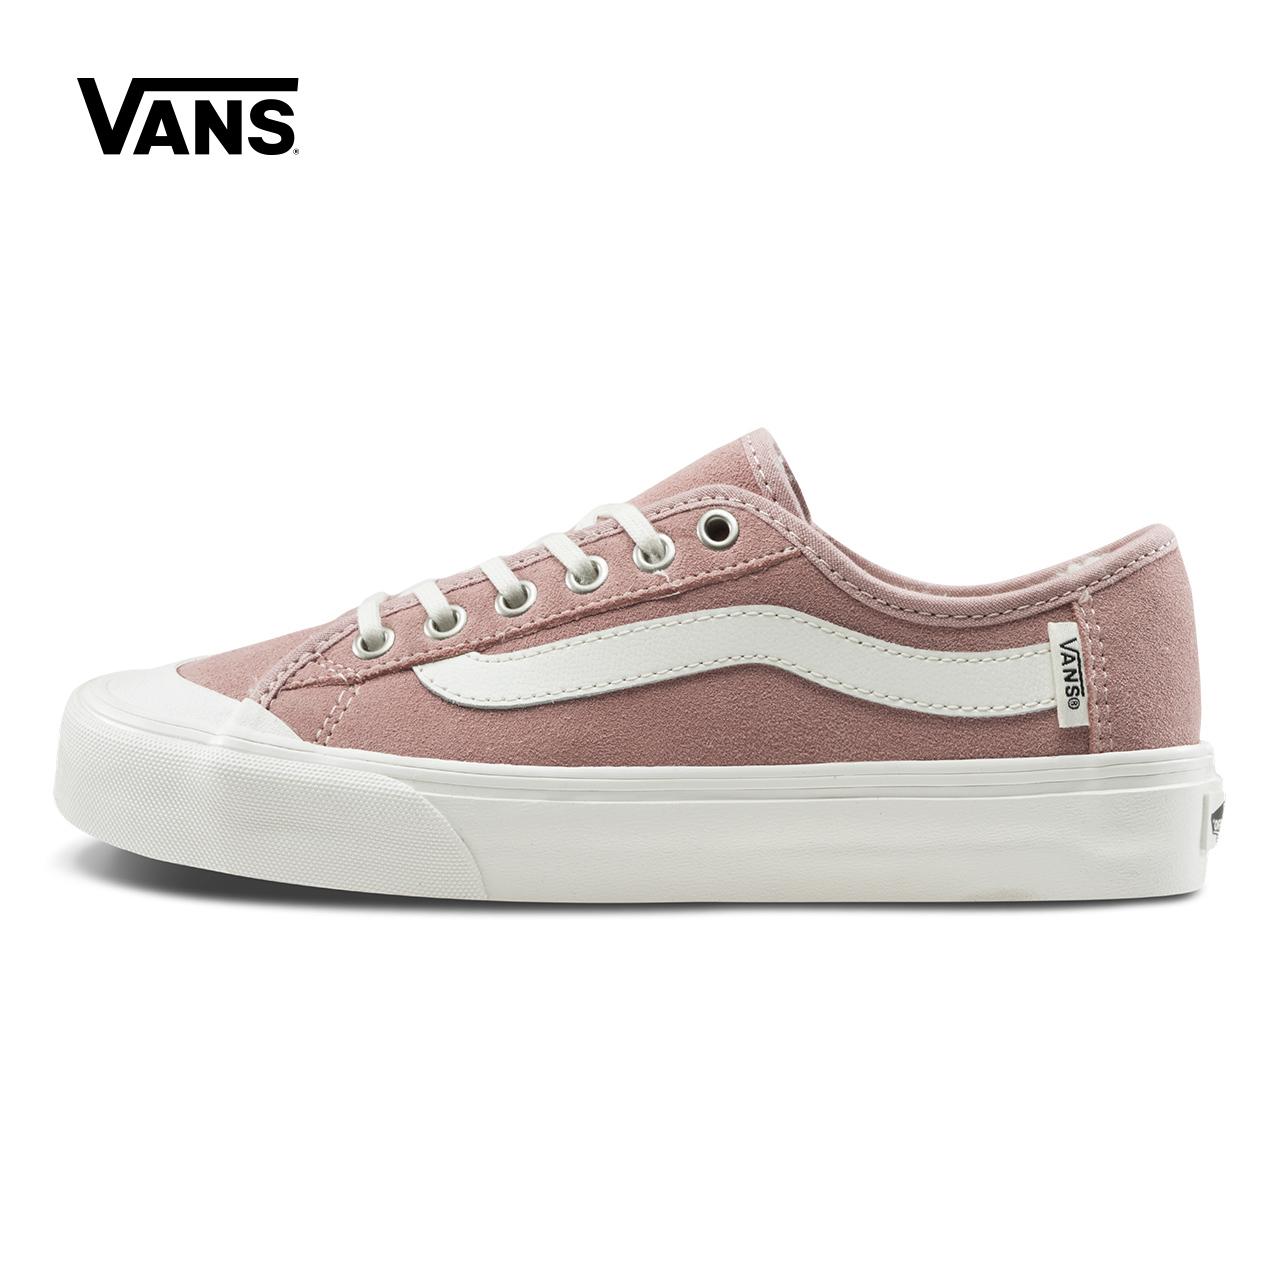 Vans 范斯官方男女款侧边条纹休闲鞋|VN0A3QXZRZB